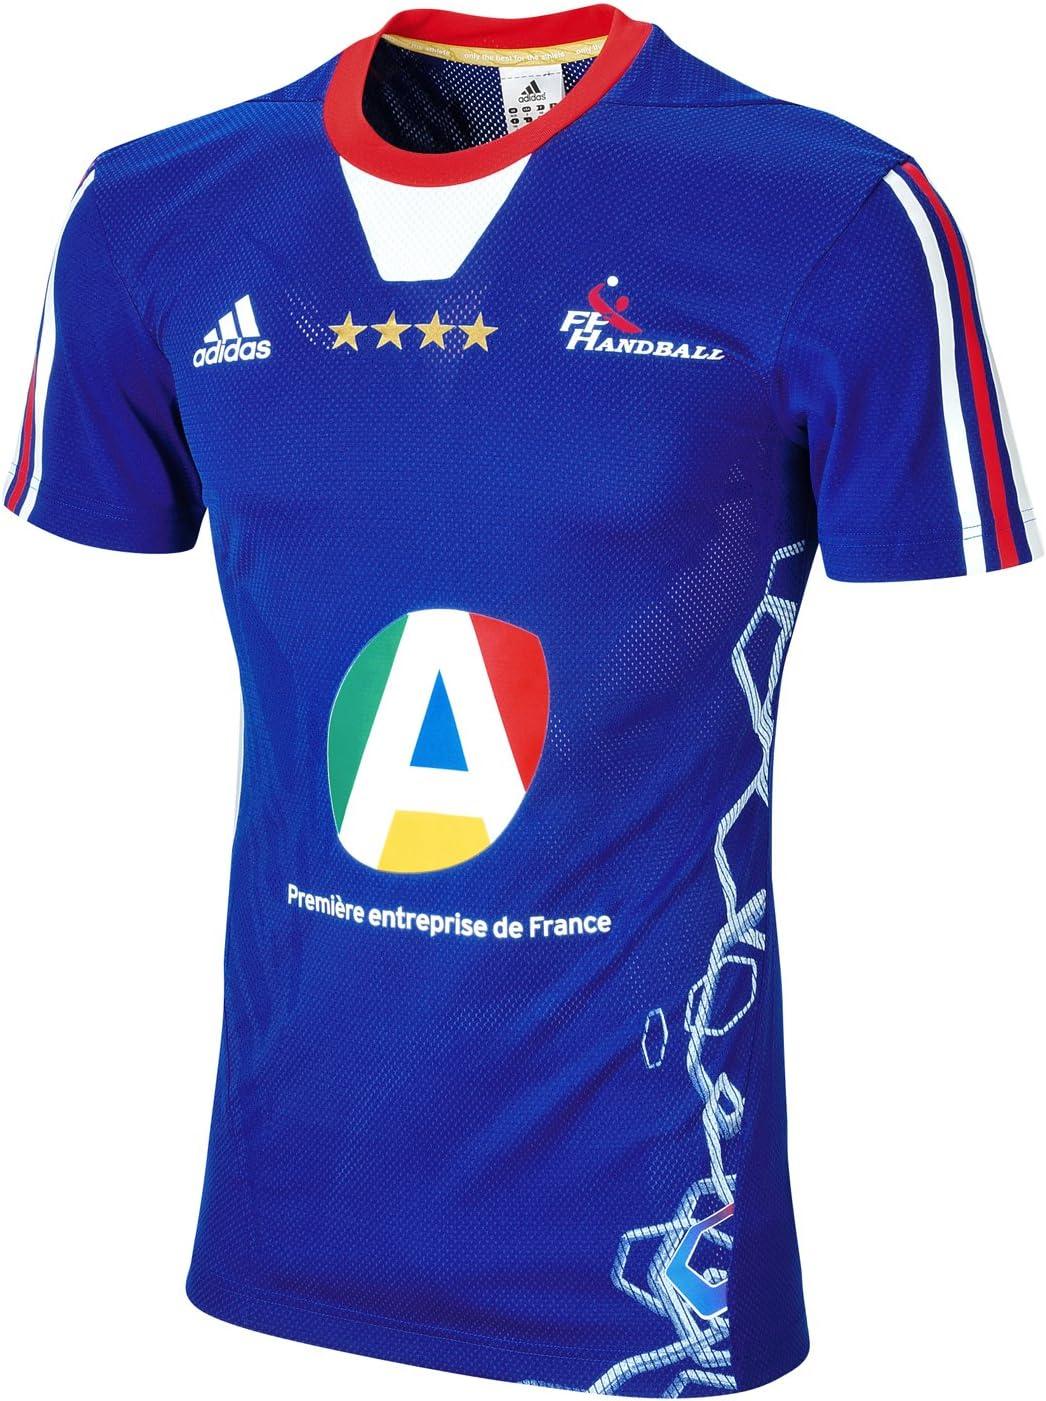 adidas 190103 T:192 Camiseta de Balonmano de la selección de Francia (Temporada 2012-2014), Color Azul: Amazon.es: Deportes y aire libre